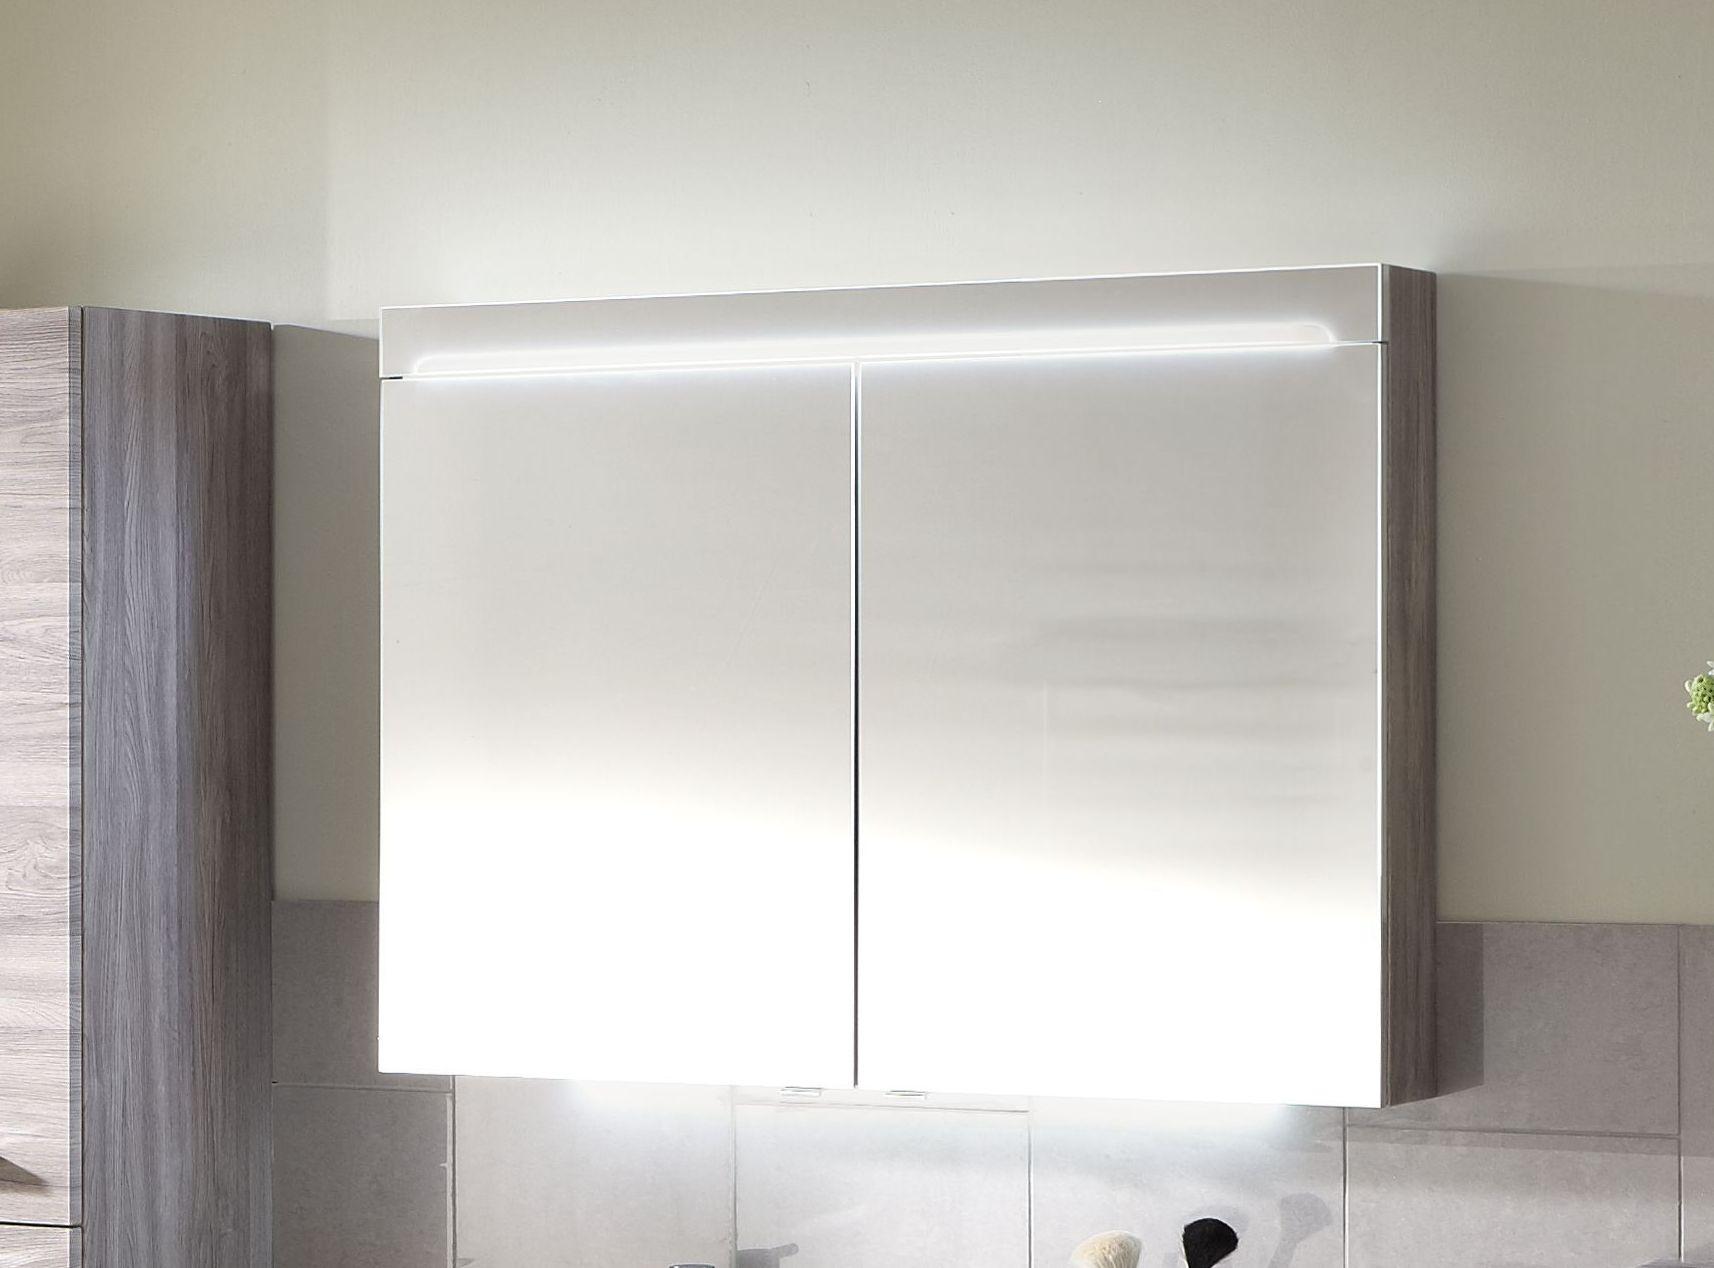 Marlin bad 3080 eclipse spiegelschrank 100 cm breit esps100 badm bel 1 - Spiegelschrank 100 cm breit ...